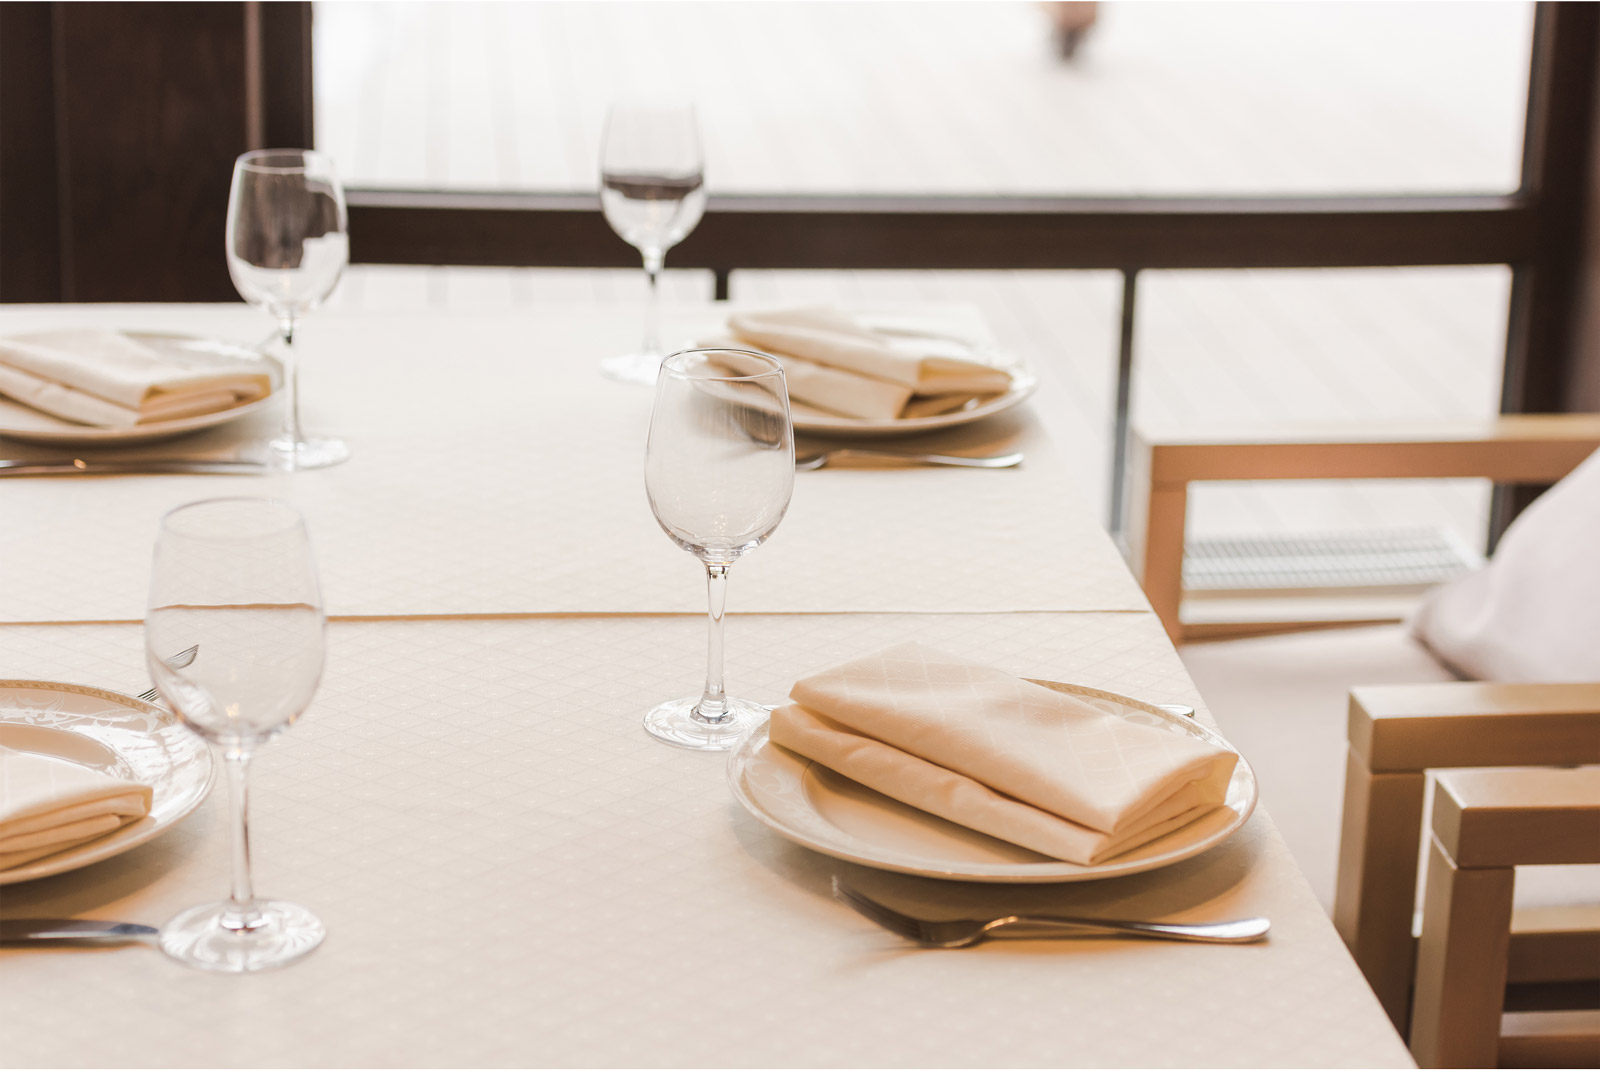 correcta colocación de los cubiertos en la mesa